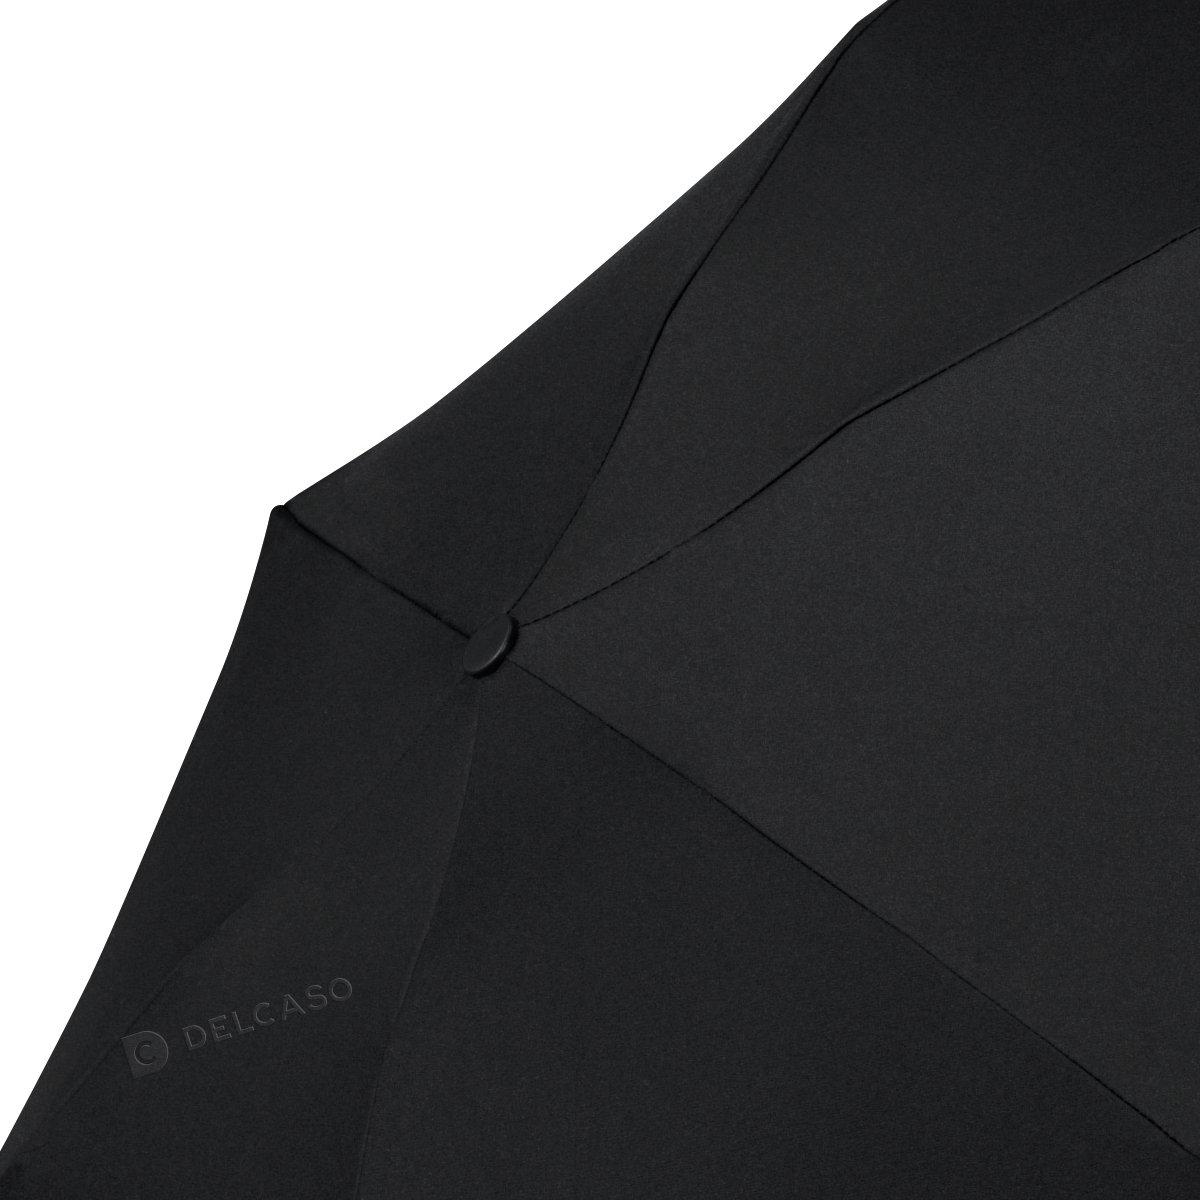 Parasol Esprit Petito Diamond czarny